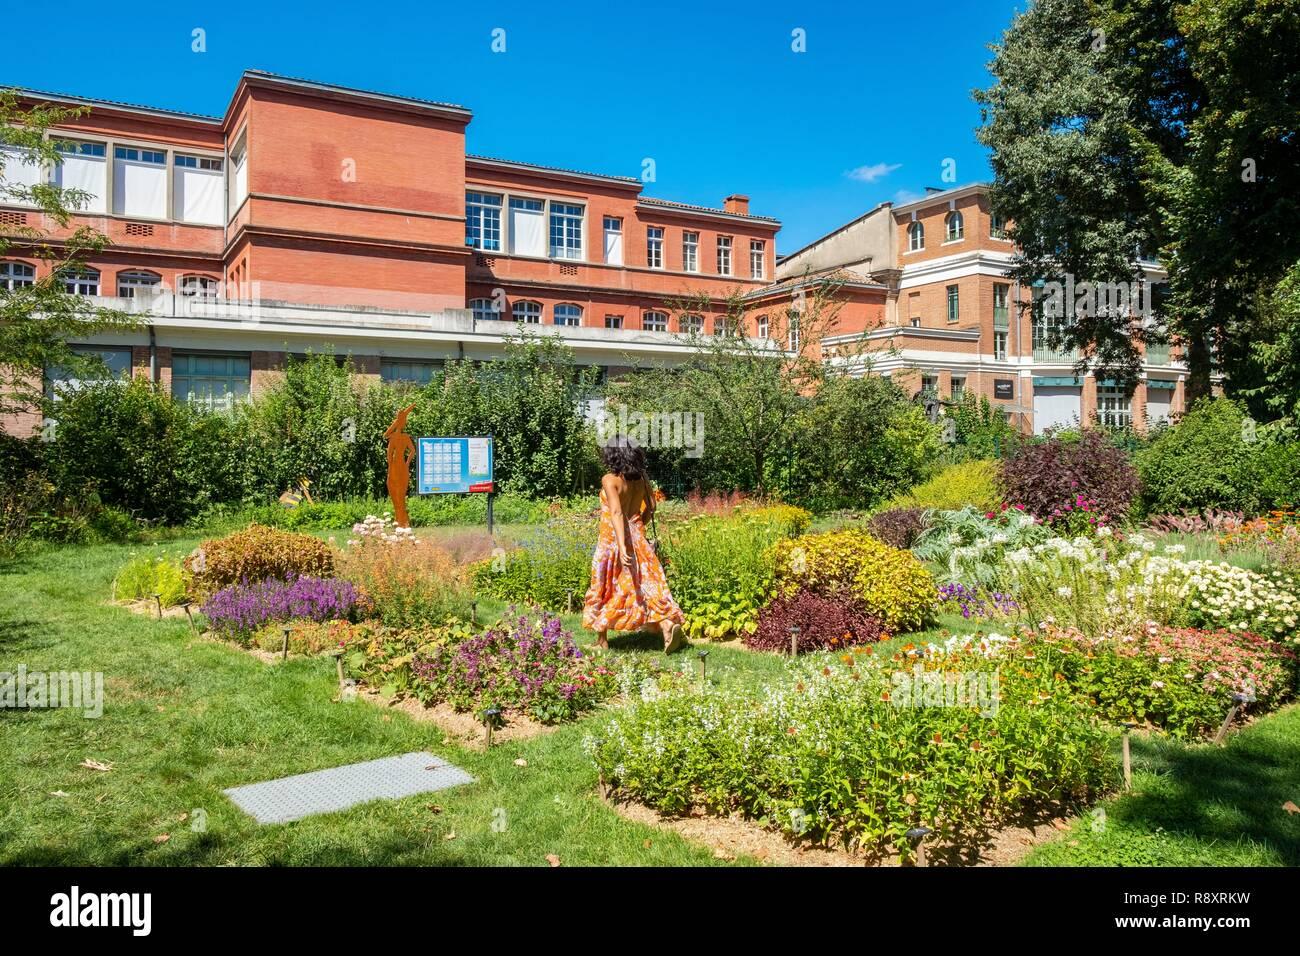 France haute garonne toulouse jardin des plantes le mus e banque d 39 images photo stock - Toulouse jardin des plantes ...